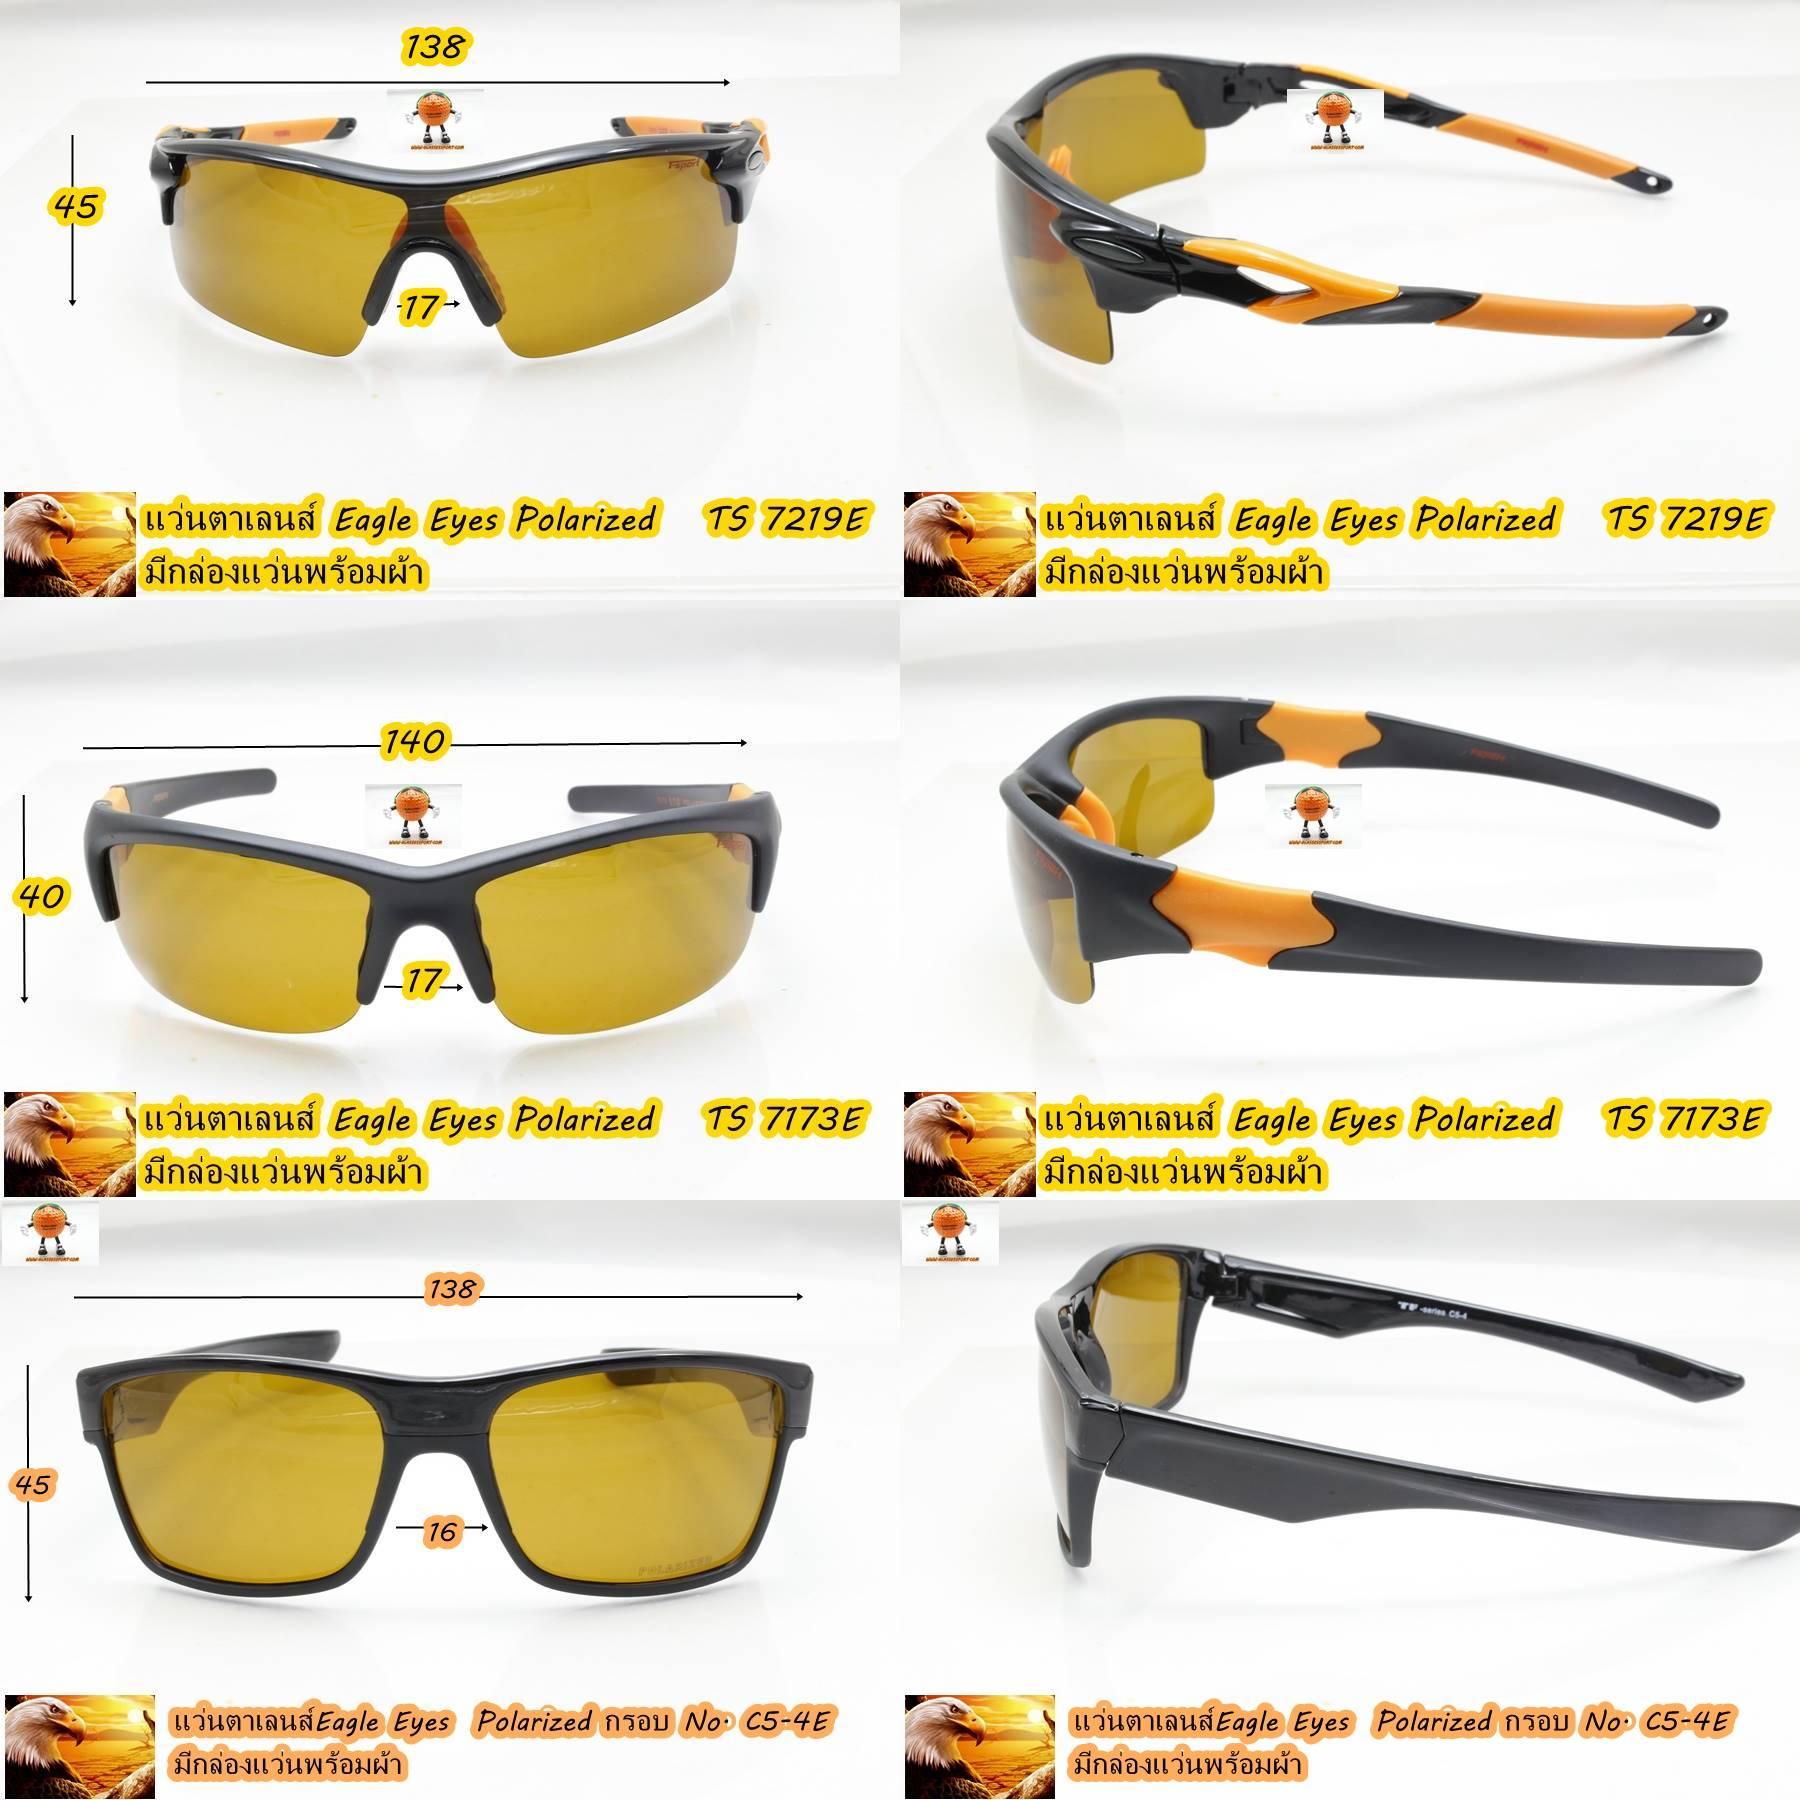 แว่นตาเลนส์ Eagle Eyes Polarized  เพิ่มความคมชัดในการมองเห็นในตอ